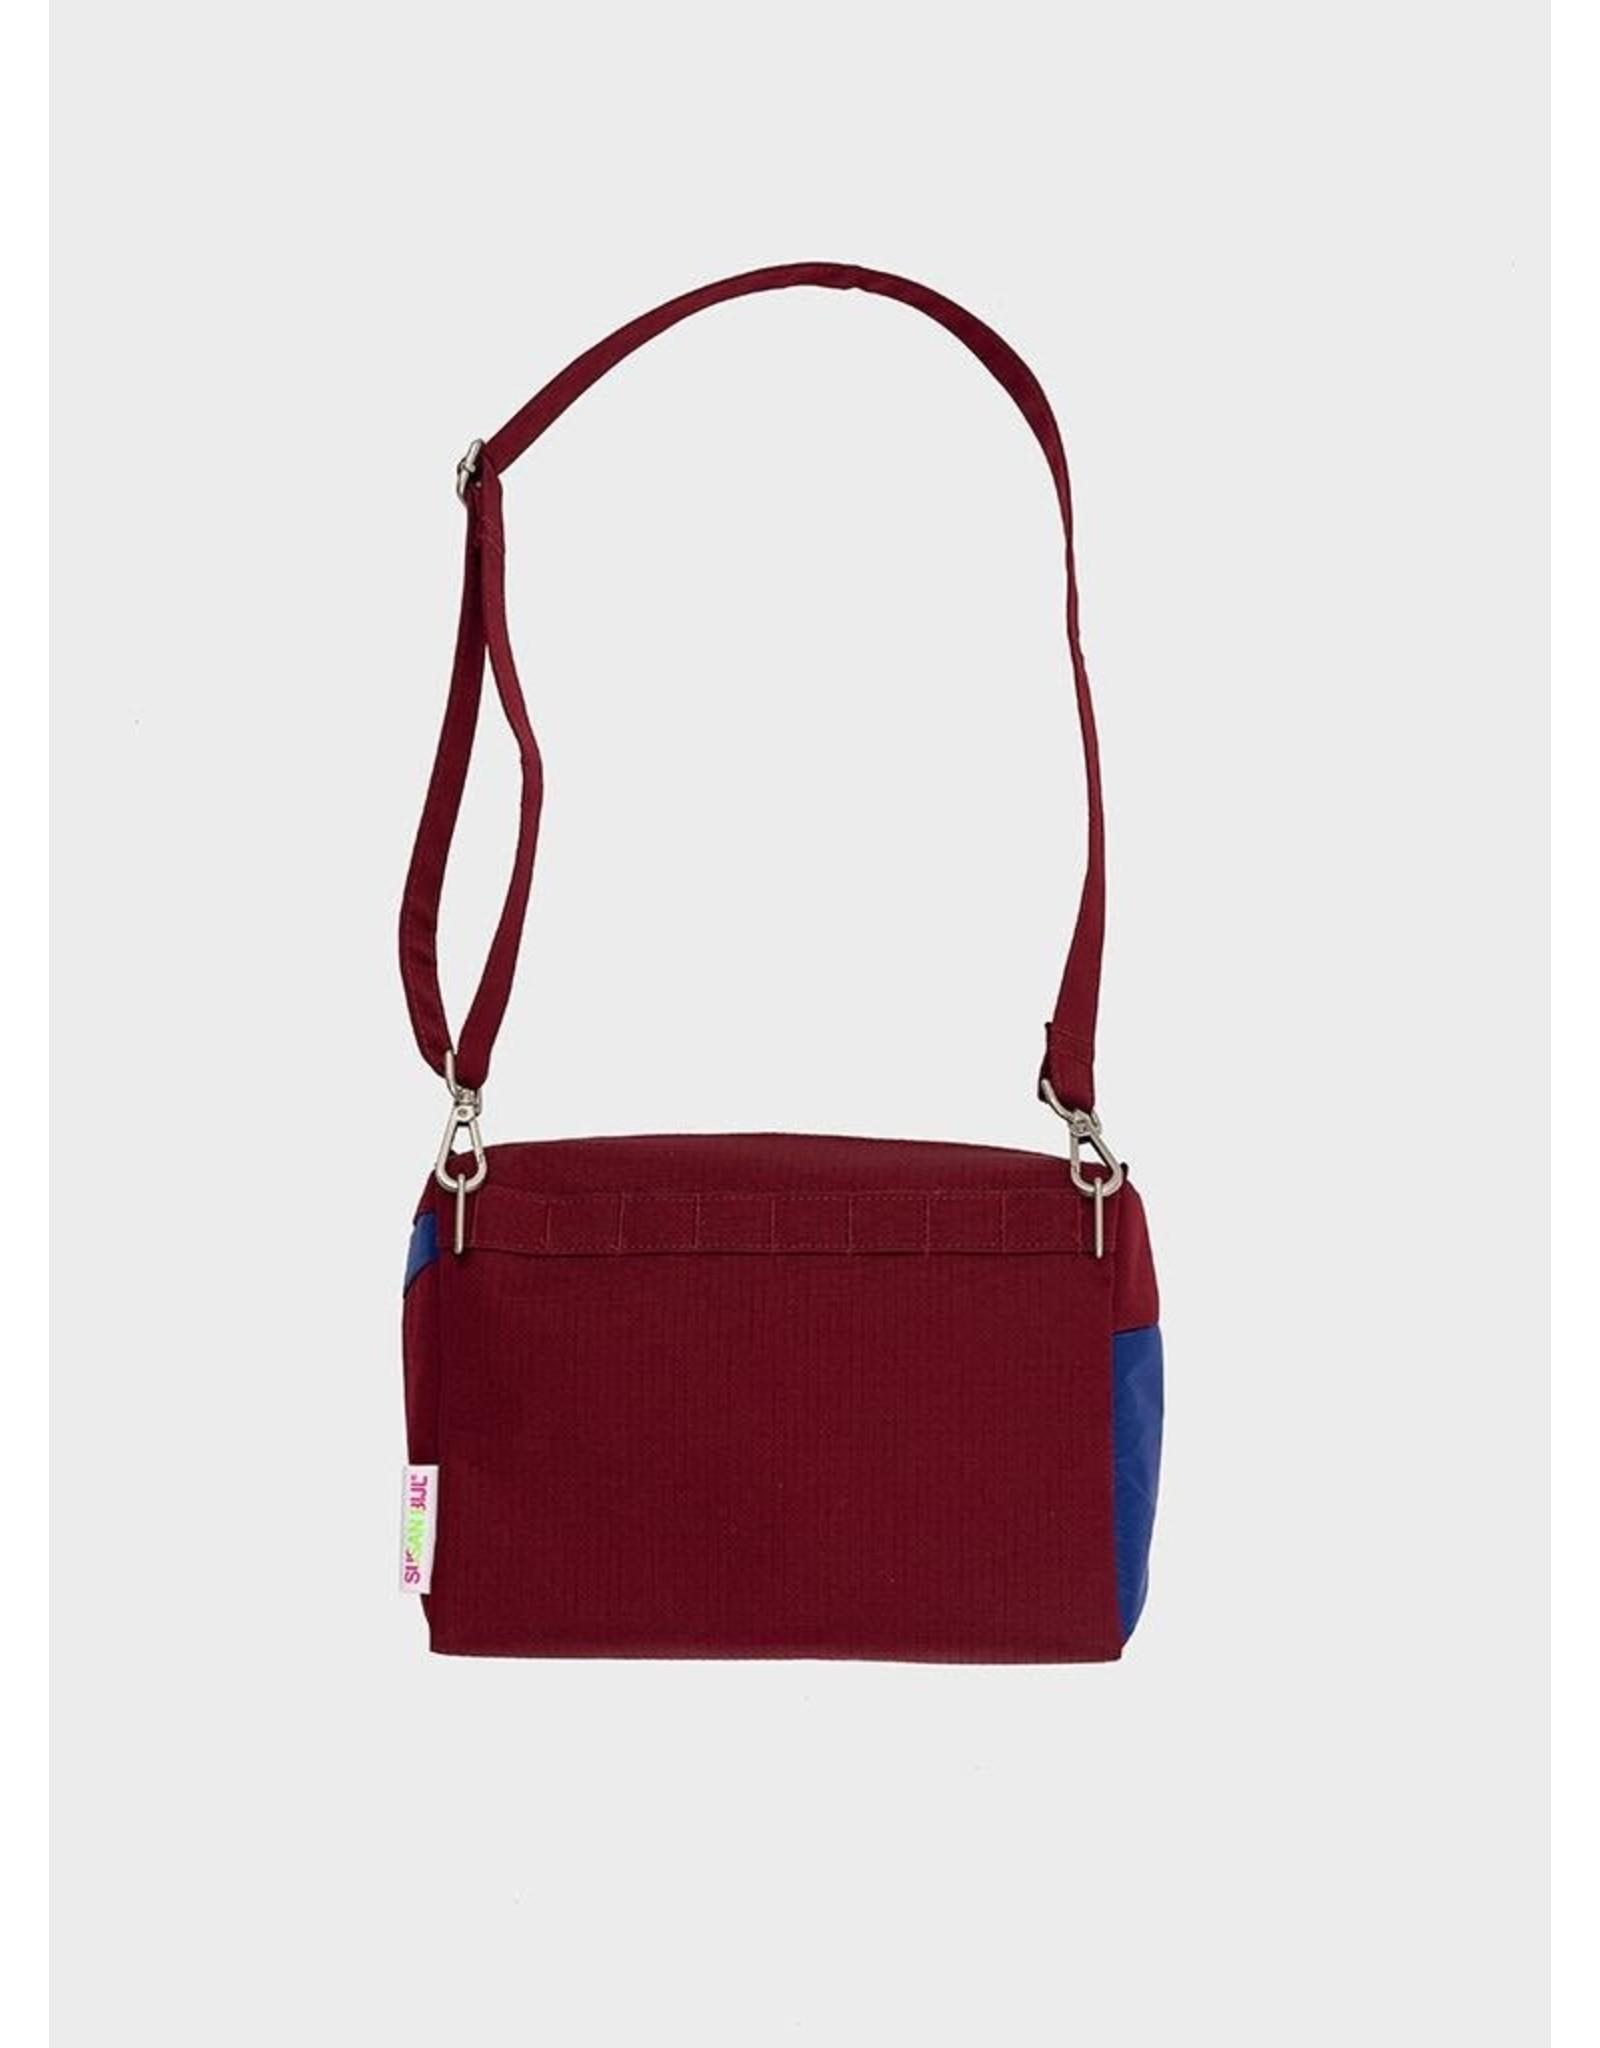 Susan Bijl Bum Bag M, Electric Blue & Bordeaux   19 x 28 x 8,5